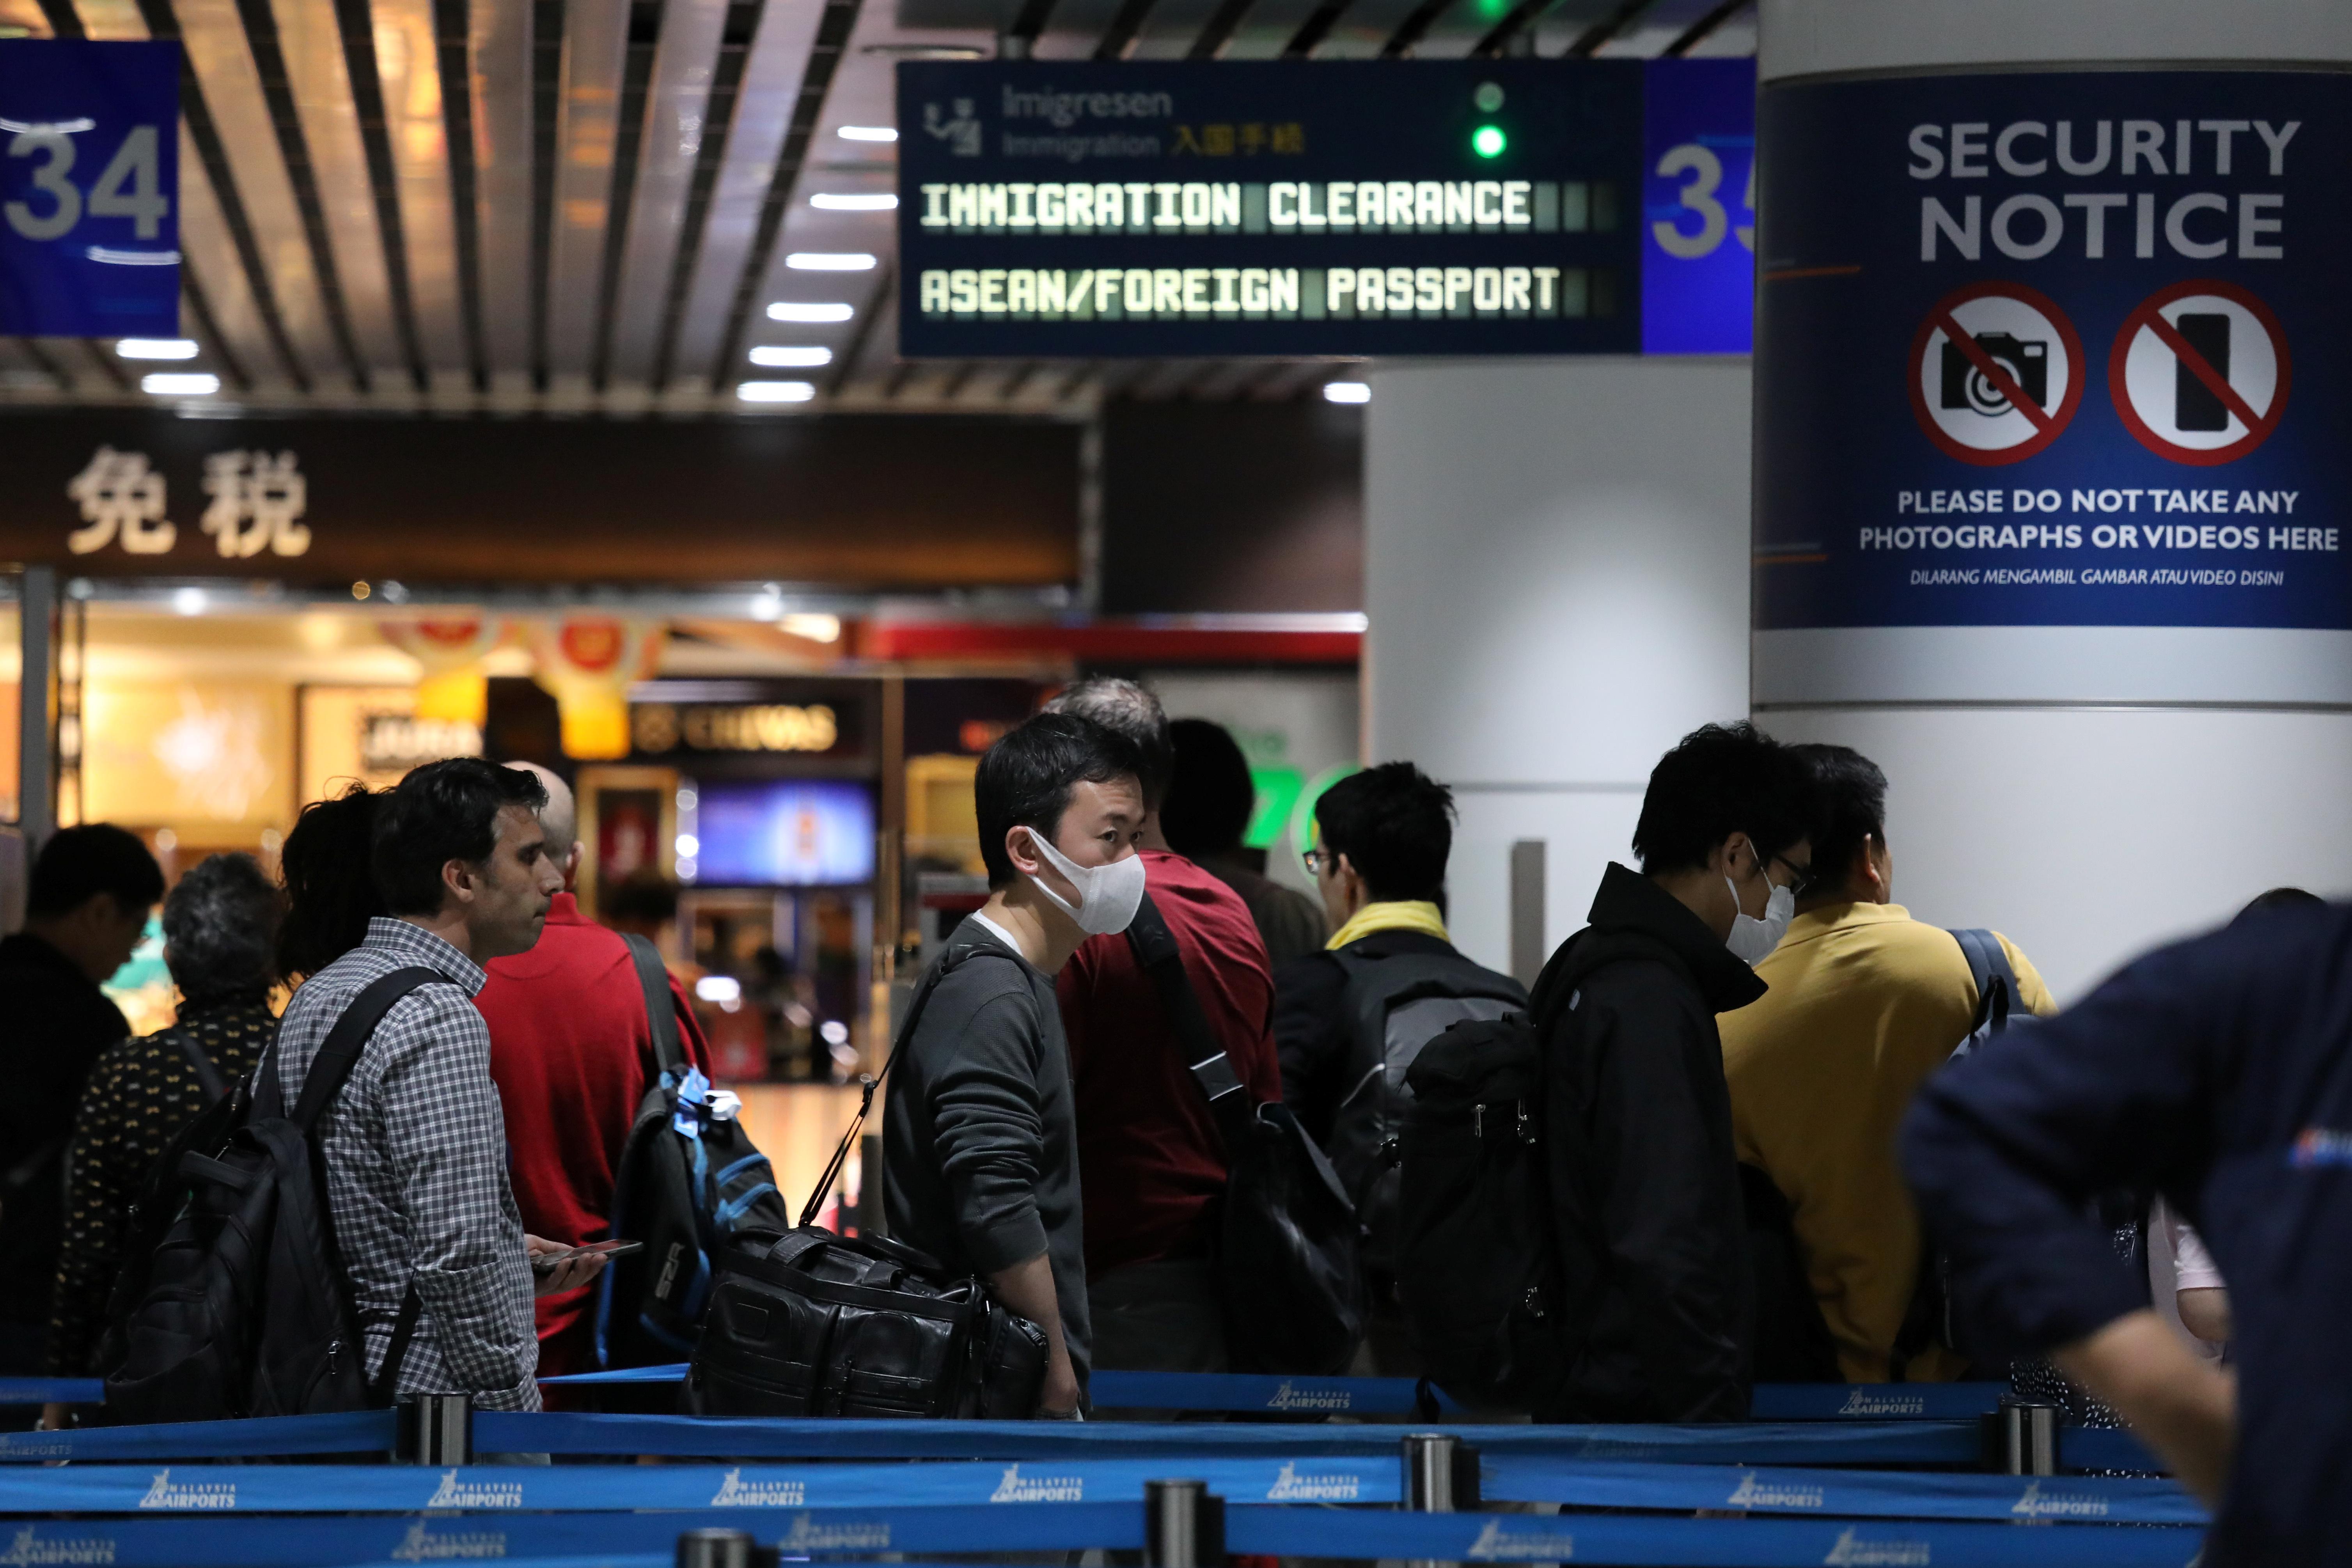 Εξαπλώνεται ο κοροναϊός! Κρούσματα σε Χονγκ Κονγκ και Μακάο!